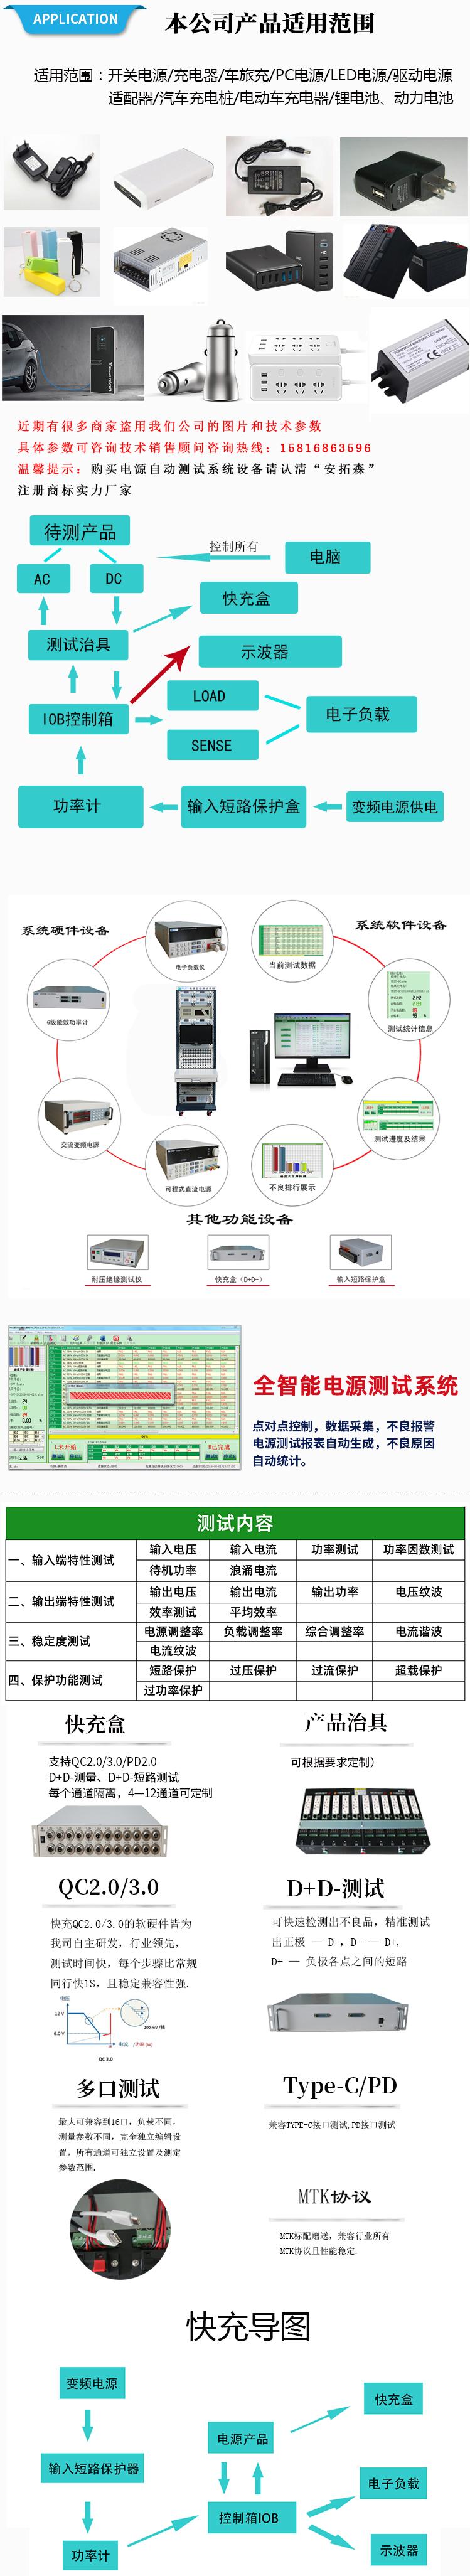 适配器测试系统细节展示